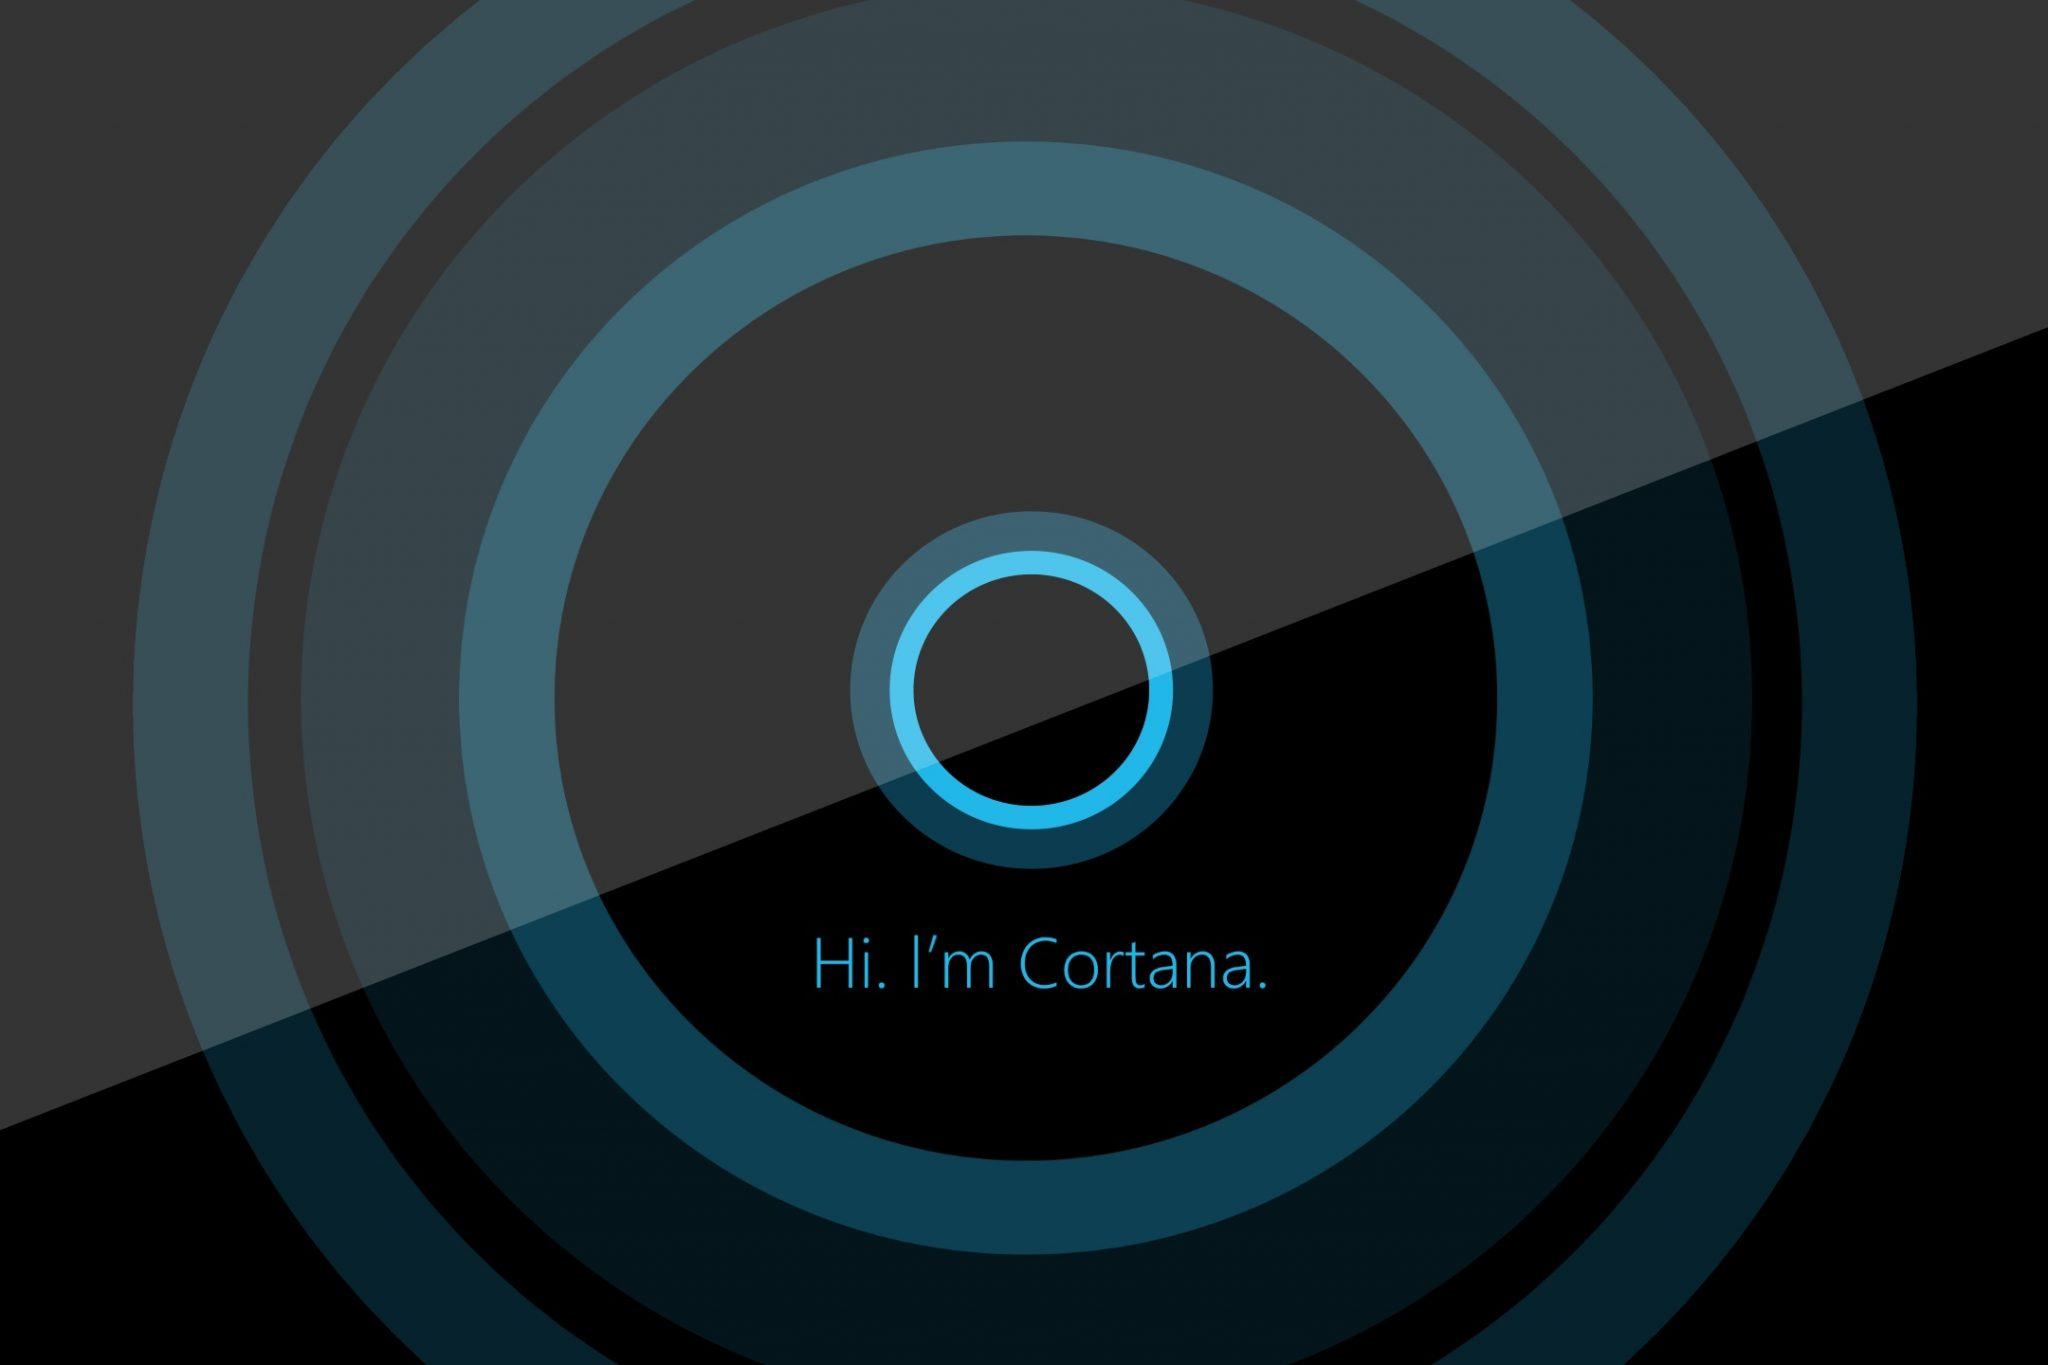 Hola, soy Cortana